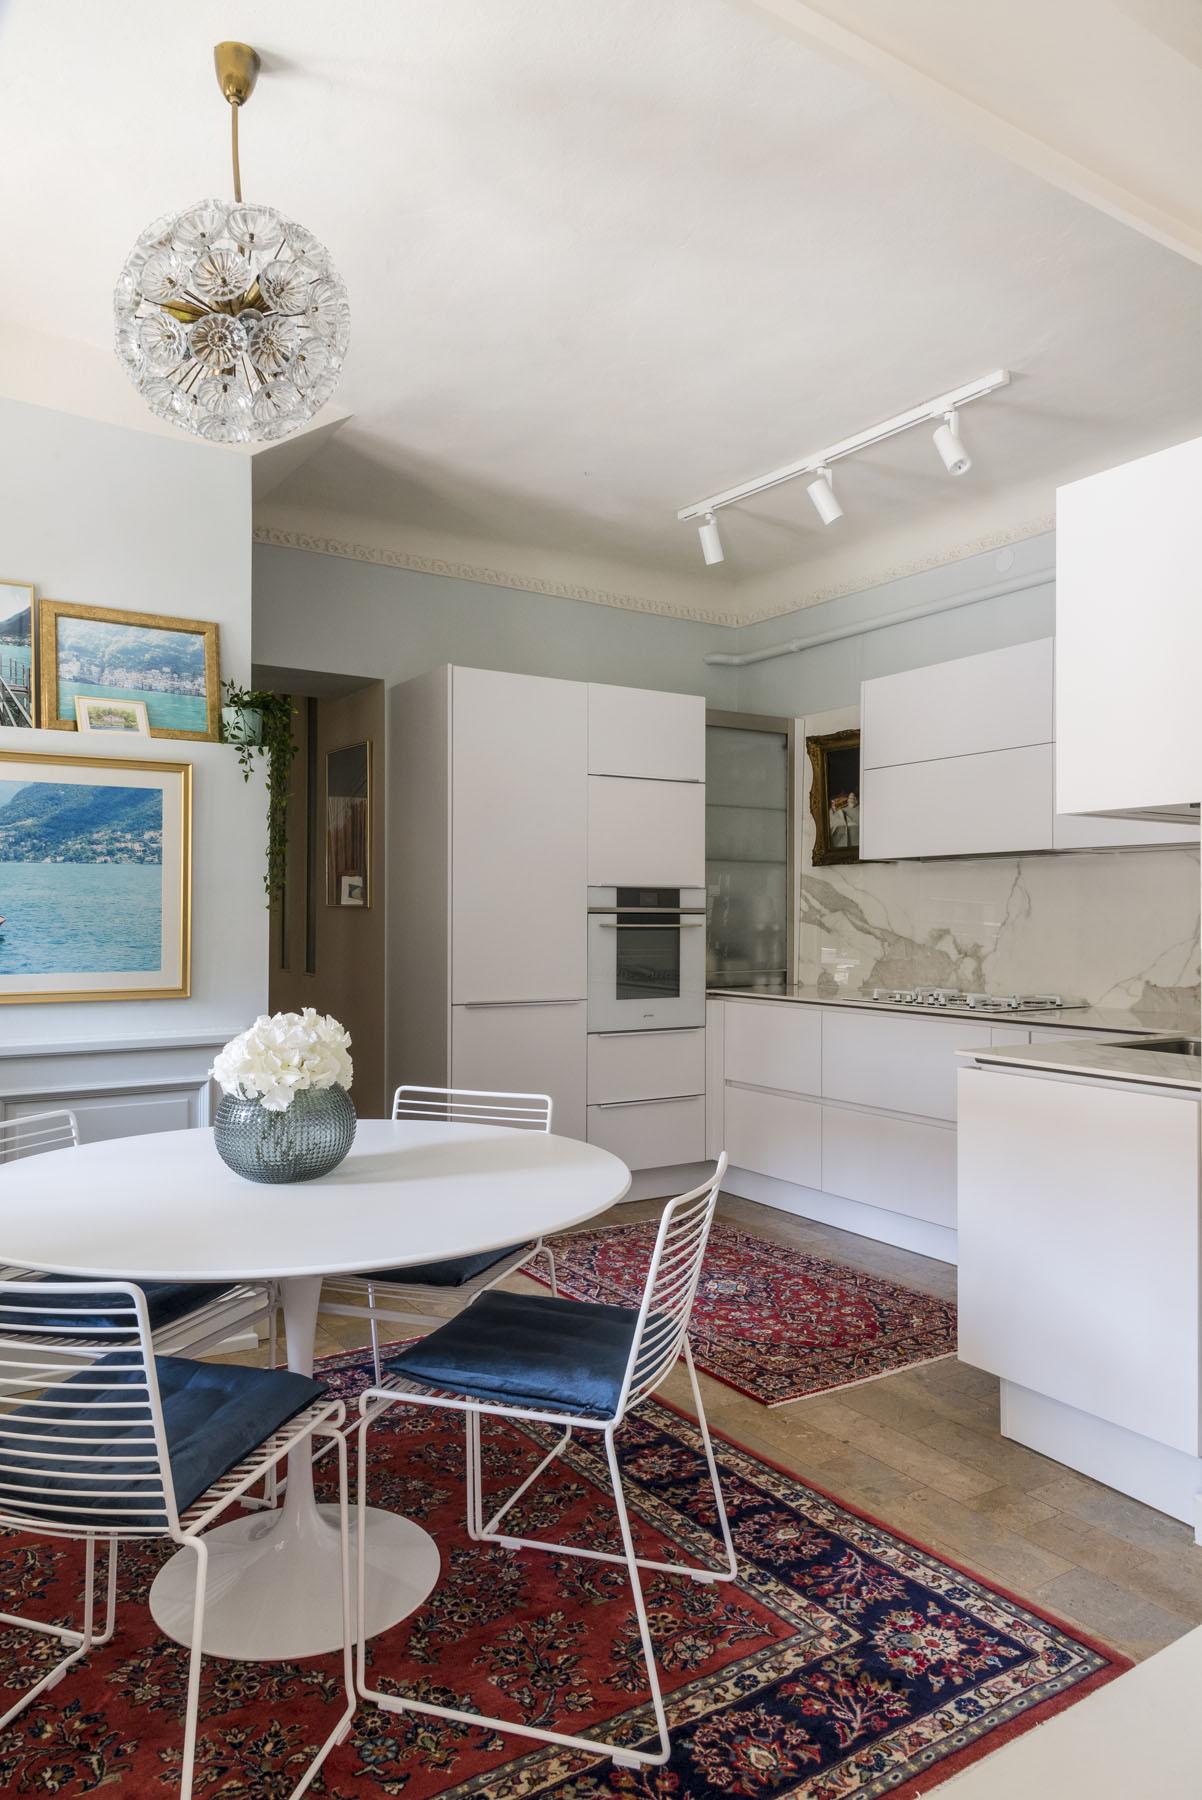 Kicsiház konyha átalakítás